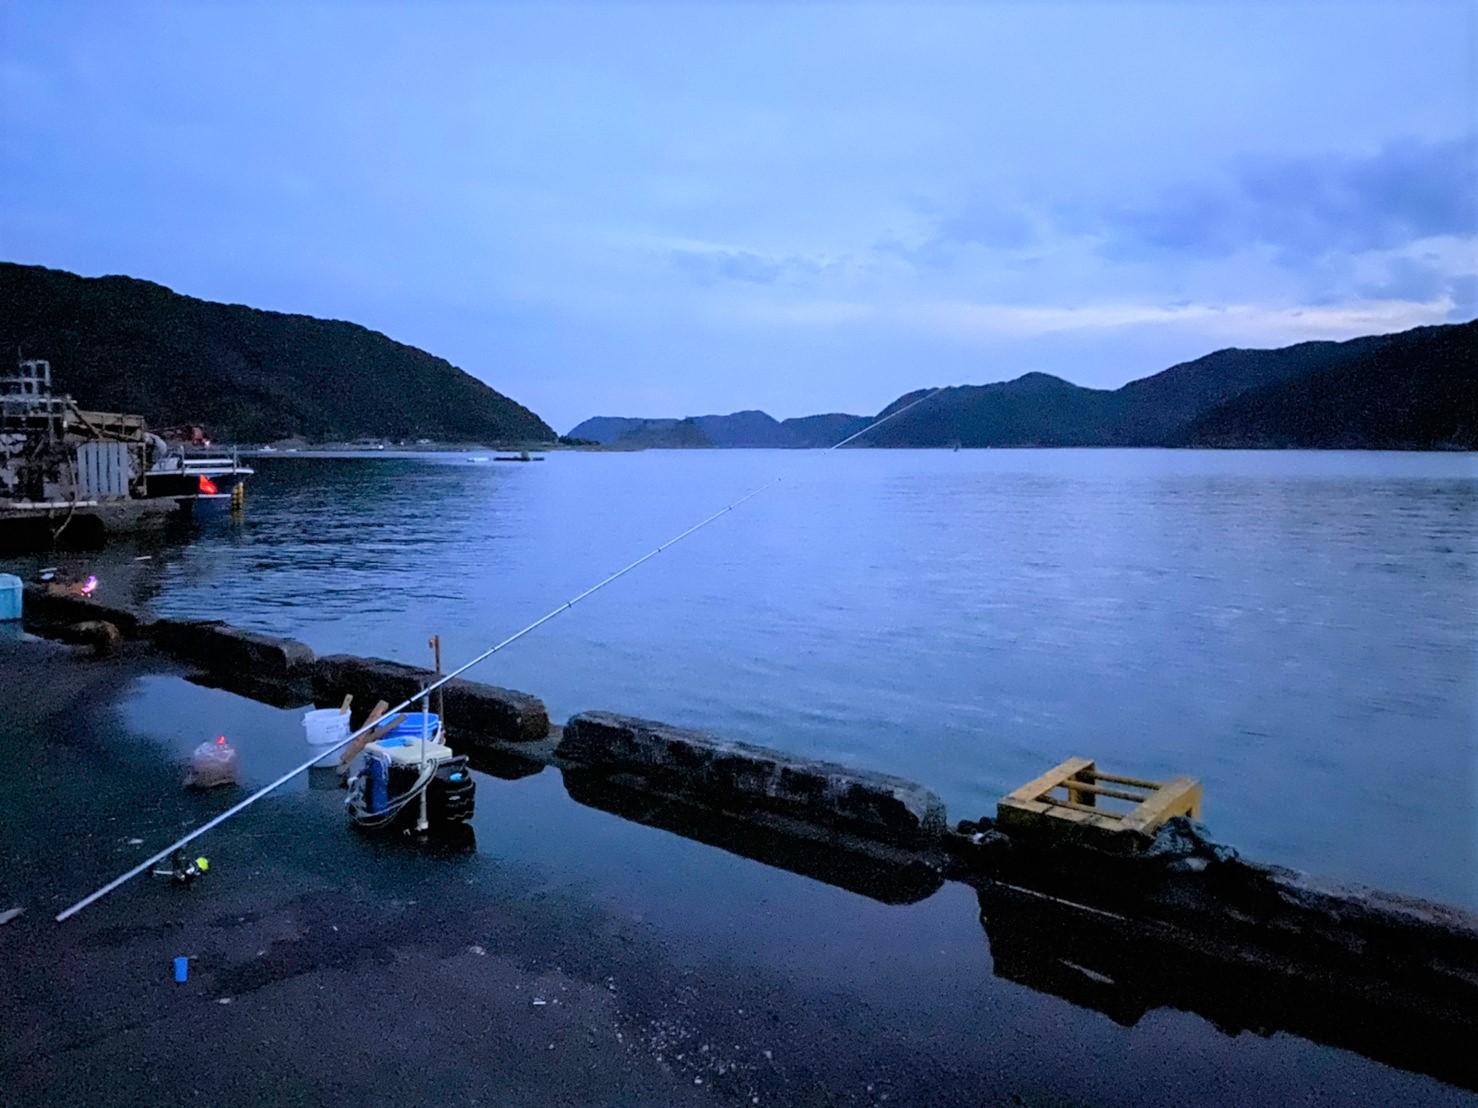 【三重県南伊勢町】『吉津港(神前浦)』の海釣りガイド(釣れる魚・駐車場・トイレ)